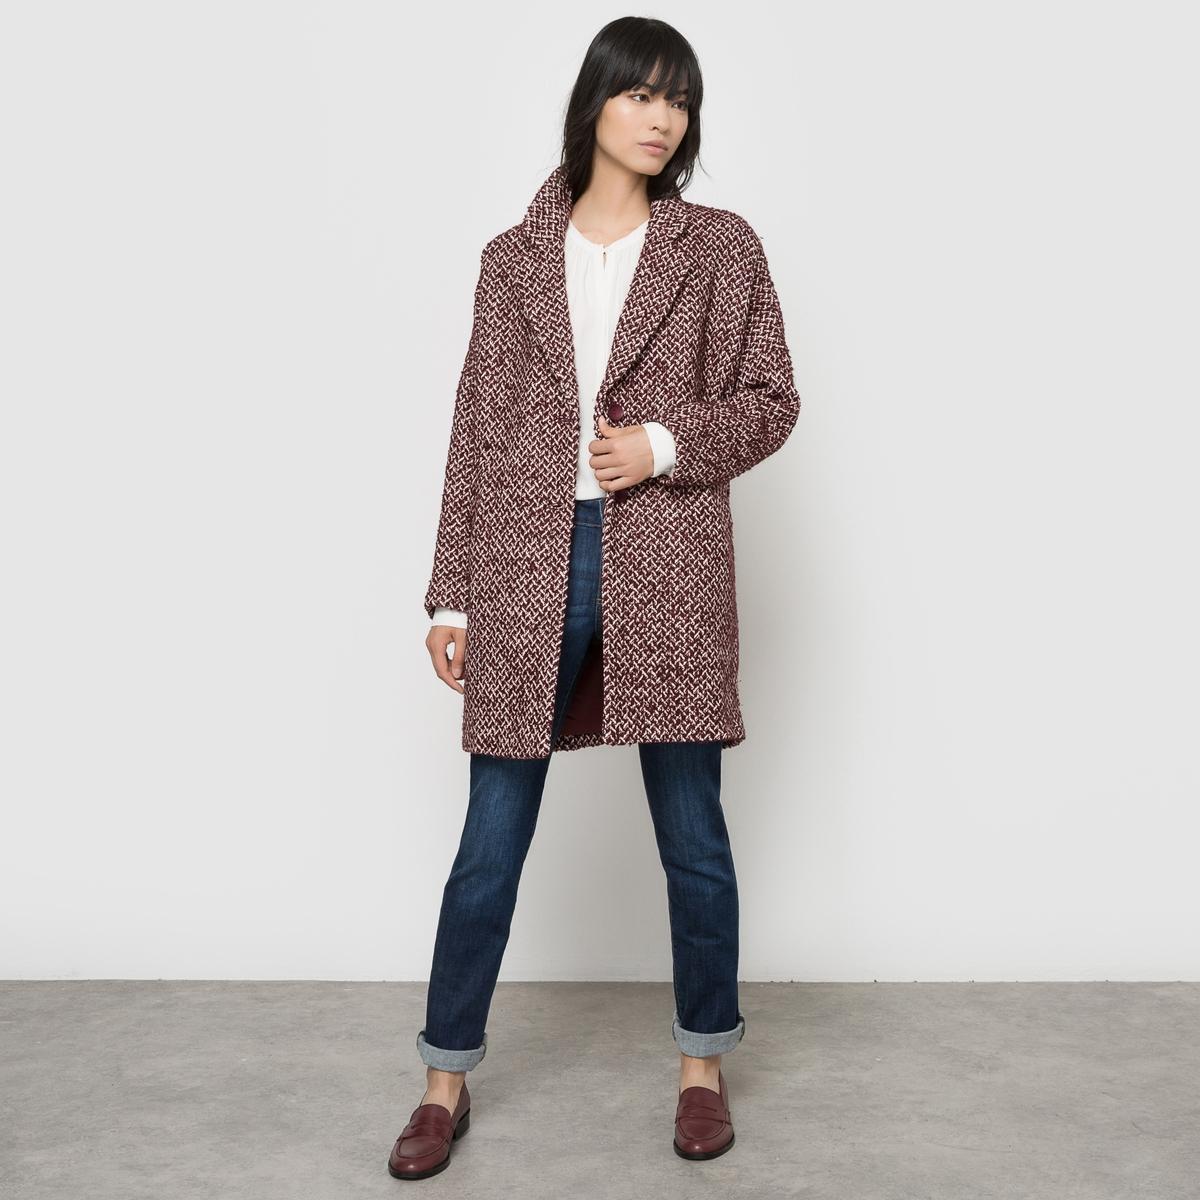 Пальто средней длины из жаккардовой тканиМатериал : 12% шерсти, 12% акрила, 73% хлопка, 3% полиэстера Тип застежки : застежка на пуговицы  Форма воротника : шалевый воротник Длина пальто : средней длины Рисунок : принт<br><br>Цвет: бордовый<br>Размер: единый размер